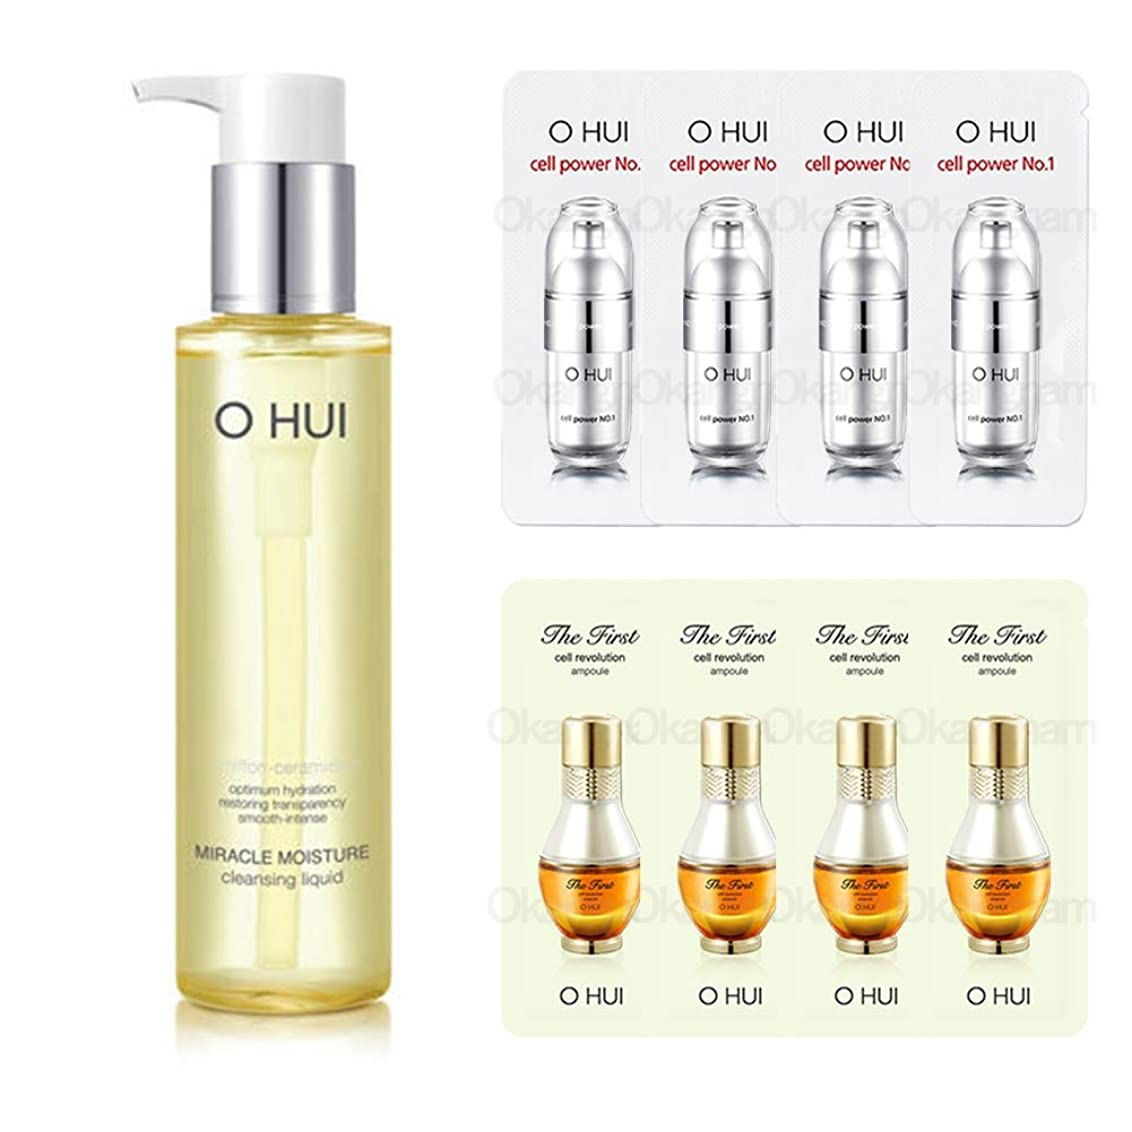 みぞれ心配食品オフィ/ O HUI LG生活健康/OHUI Cleansing Oilミラクルモイスチャークレンジングリキッド150ml+ Sample Gift (海外直送品)